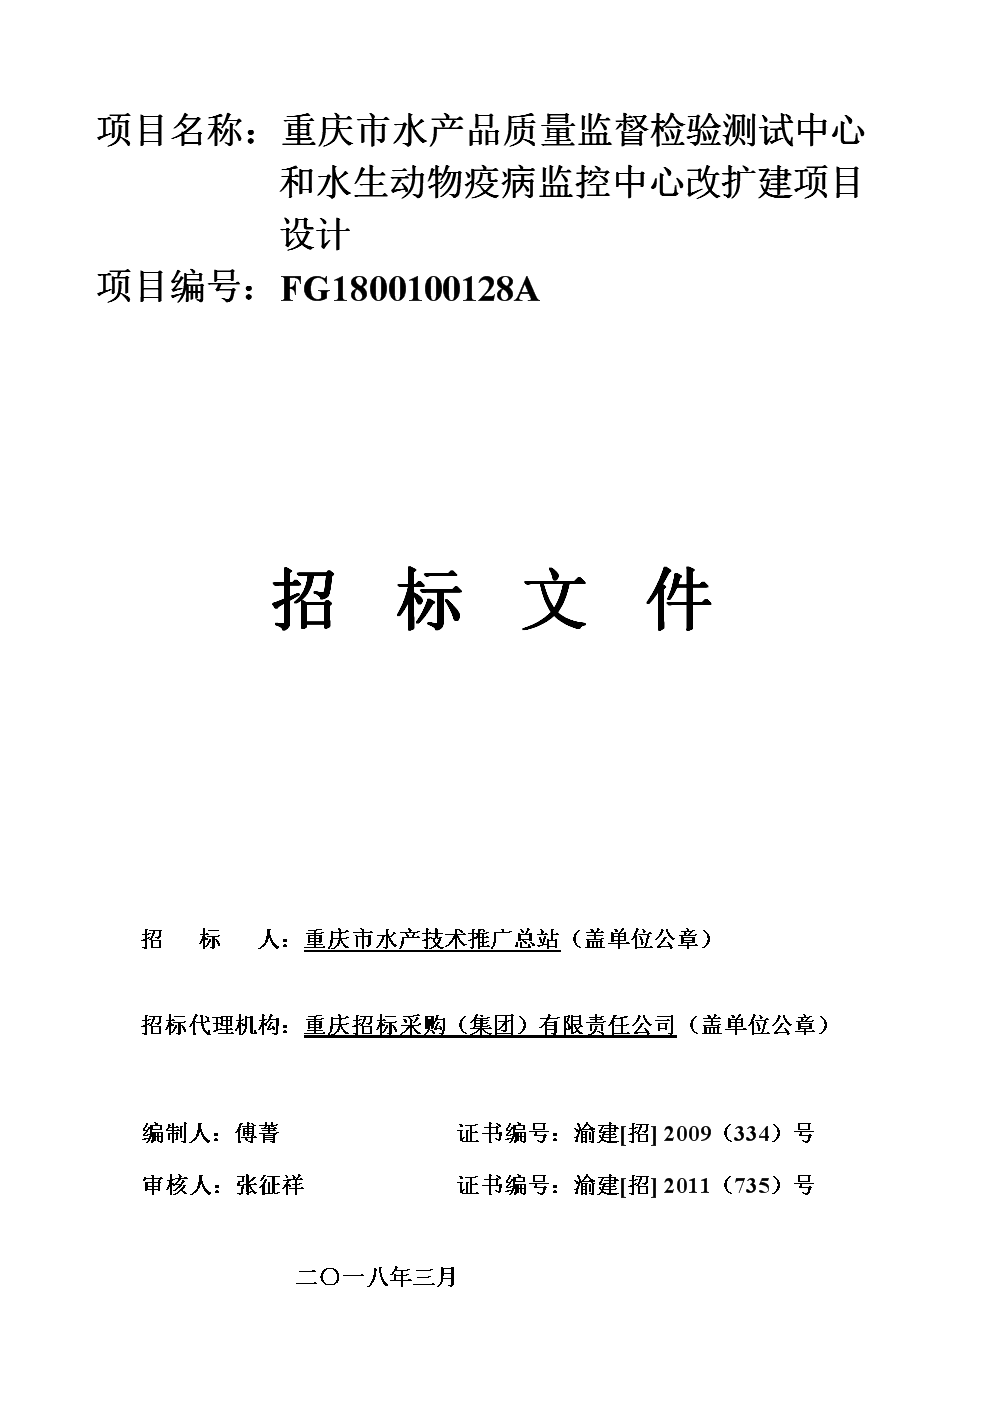 重庆市水产品质量监督检验测试中心和水生动物疫病监控中心改扩建项目设计招标文件.docx